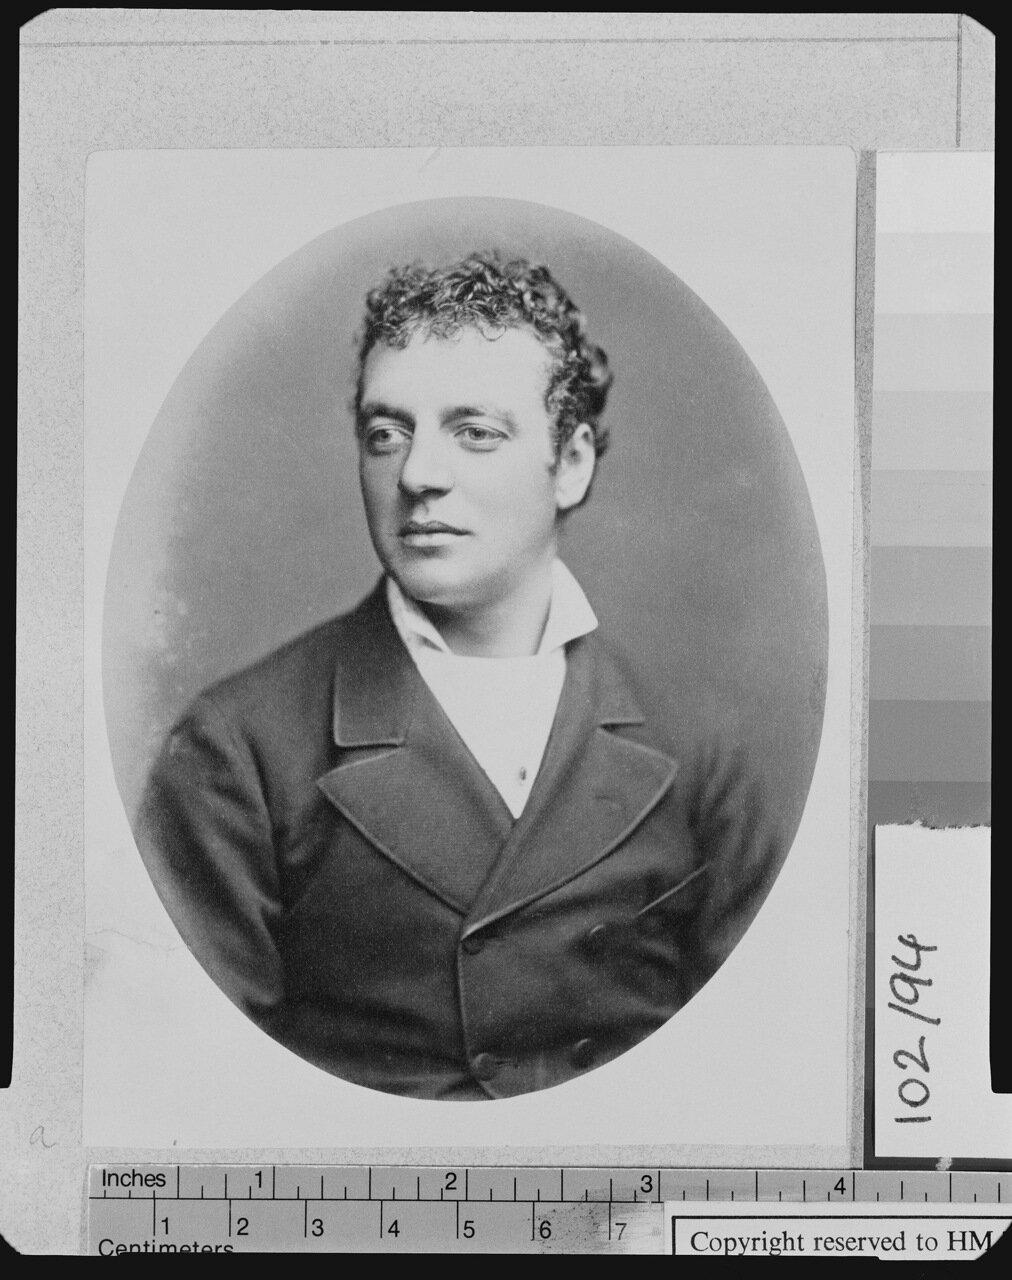 Лорд Чарльз Уильям де ла Поэр Бересфорд (1846-1919) , барон. Спутник принца Уэльского во время поездки в Индию